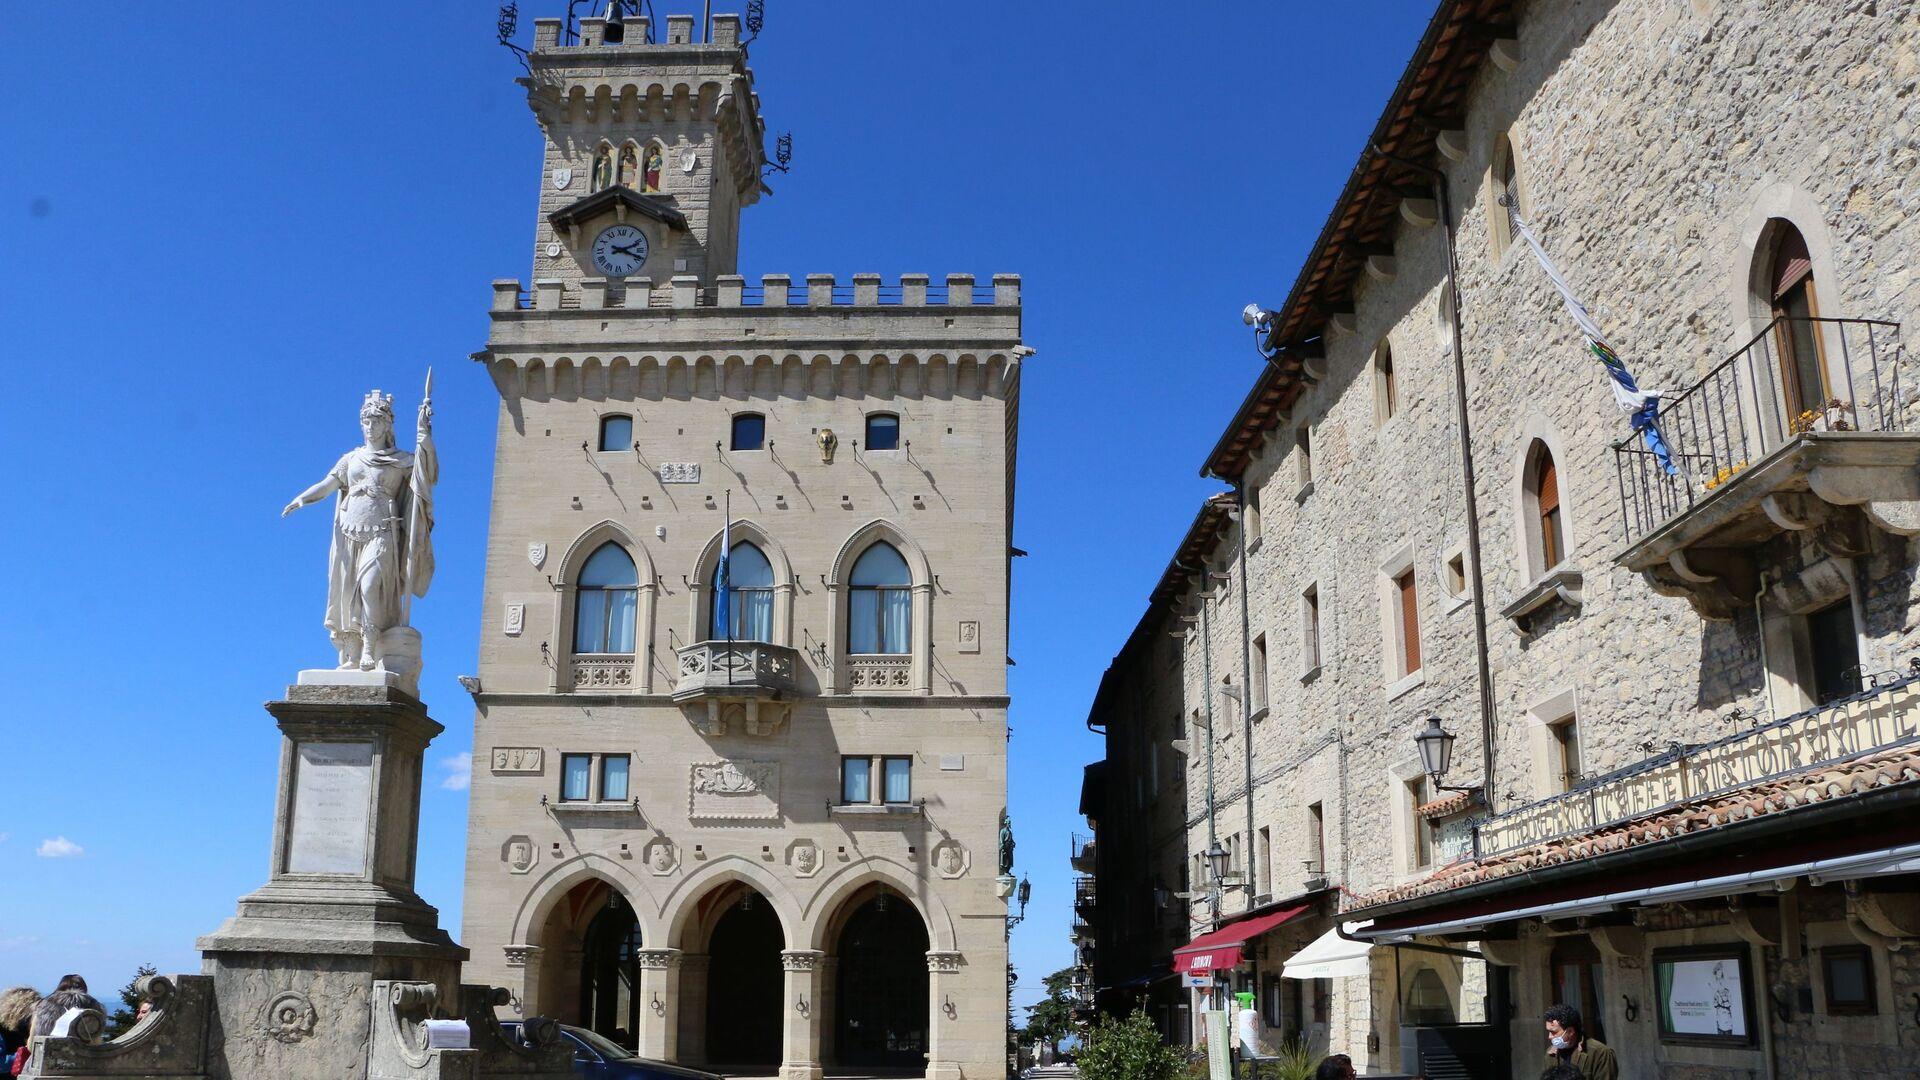 Palazzo pubblico di San Marino - Sputnik Italia, 1920, 27.04.2021